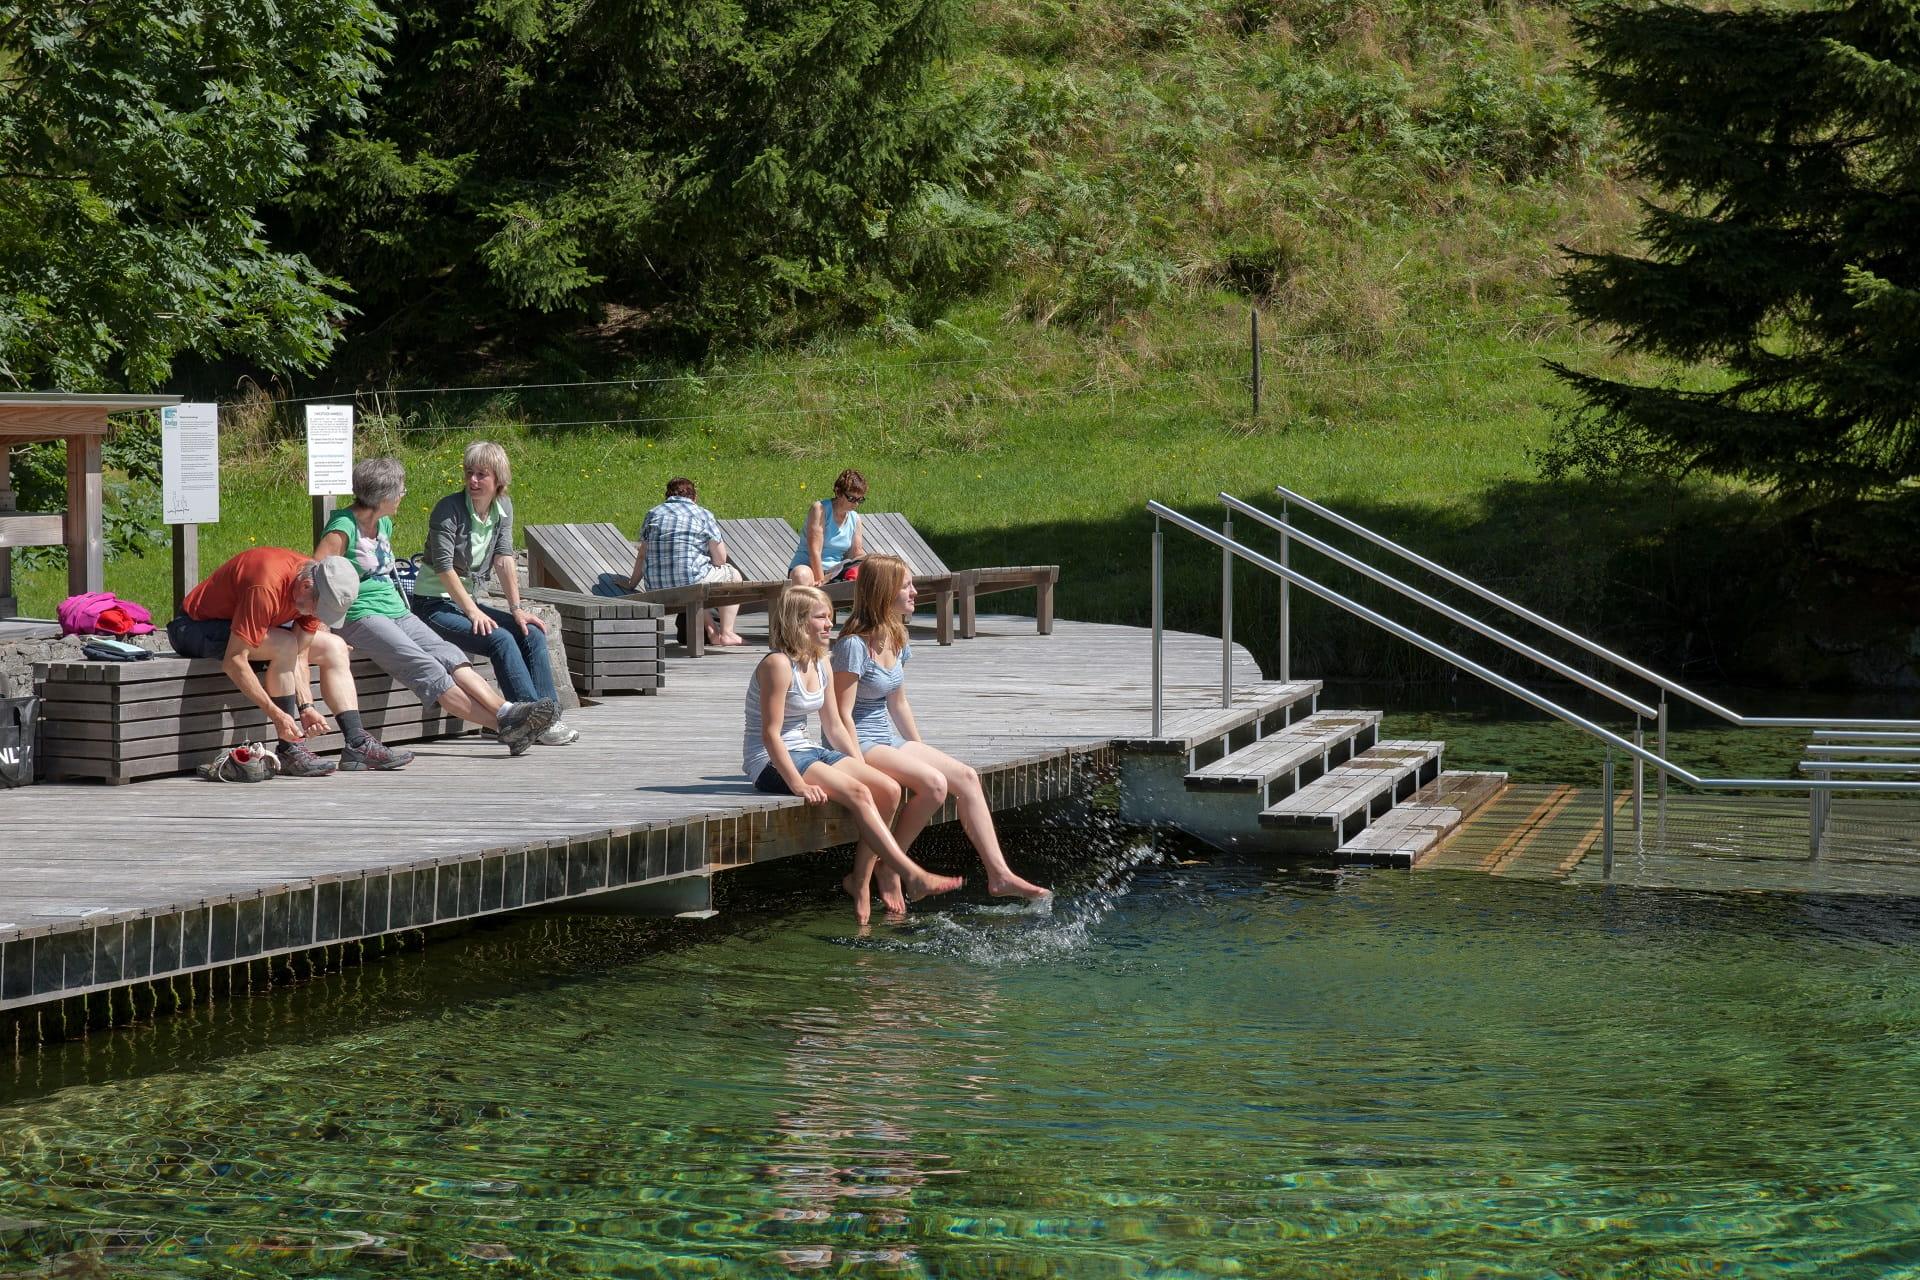 Gäste erfrischen nach einer Wanderung die Füsse im Schwandalpweiher der Kneippanlage Flühli.